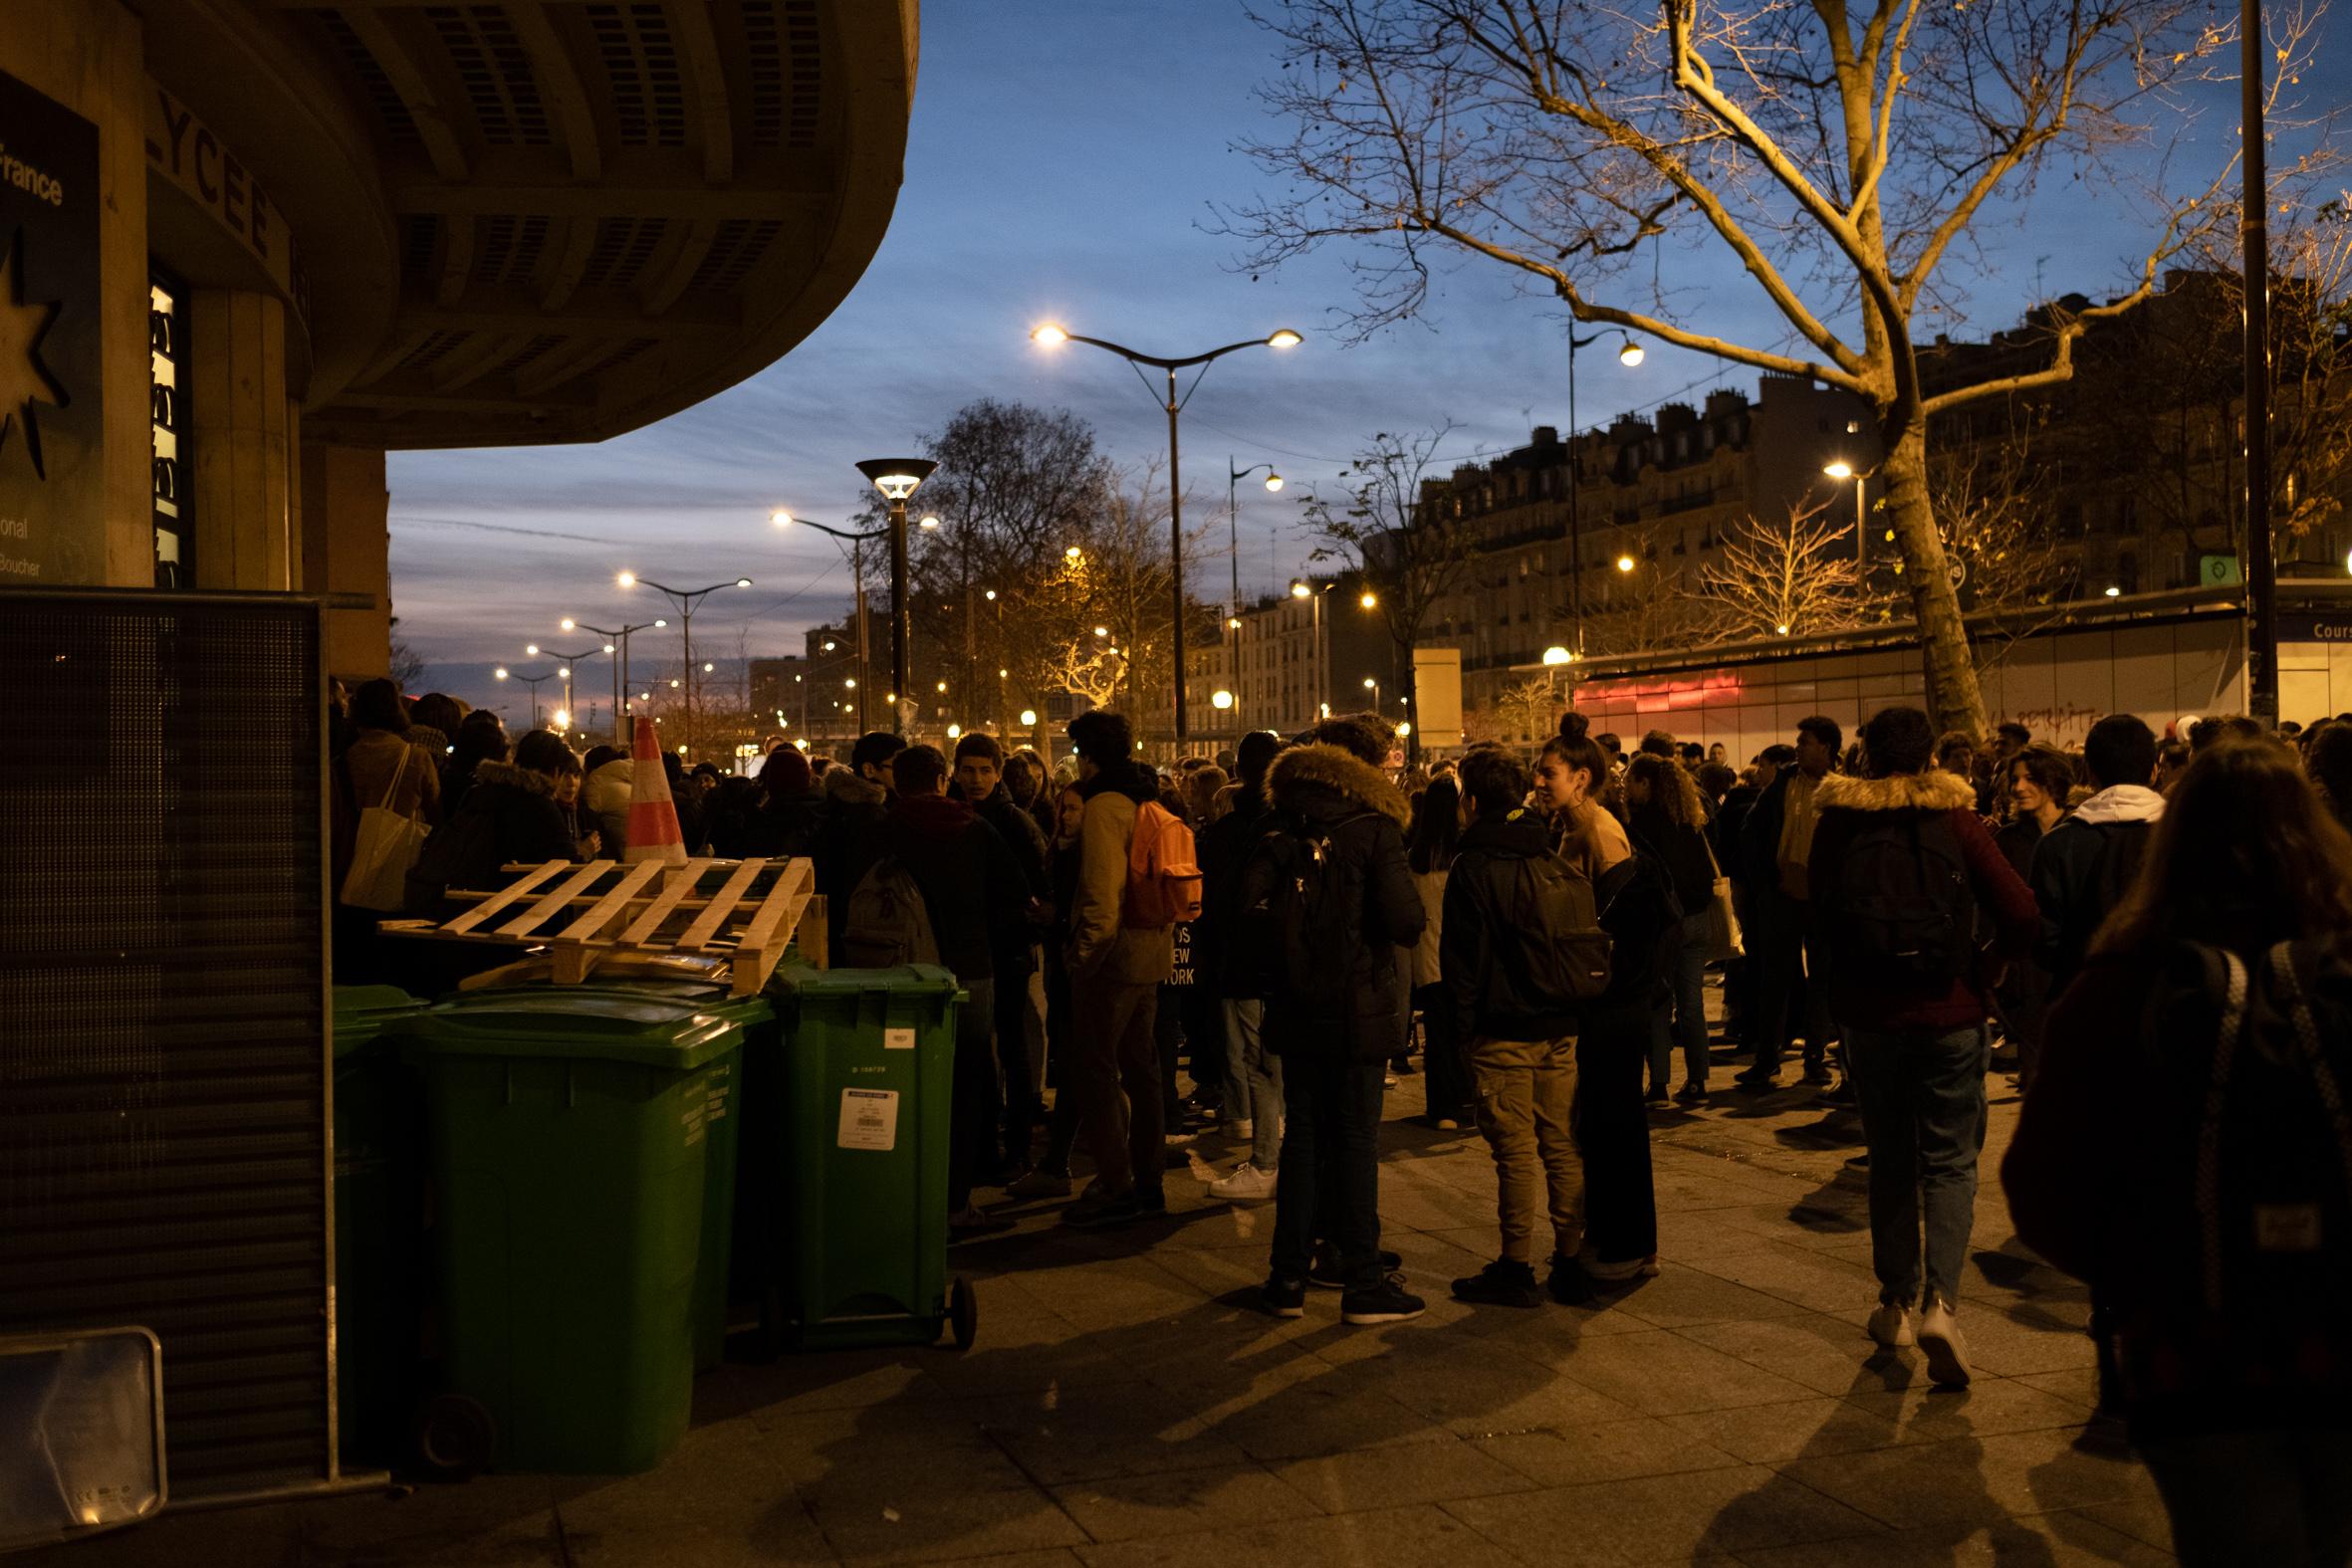 """8h: C'est désormais une centaine d'élèves qui sont massés devant le lycée. Ils chantent en cœur: """"Même si Macron ne veut pas, nous on est là !"""" ou encore """"Macron nous fait la guerre et sa police aussi""""."""